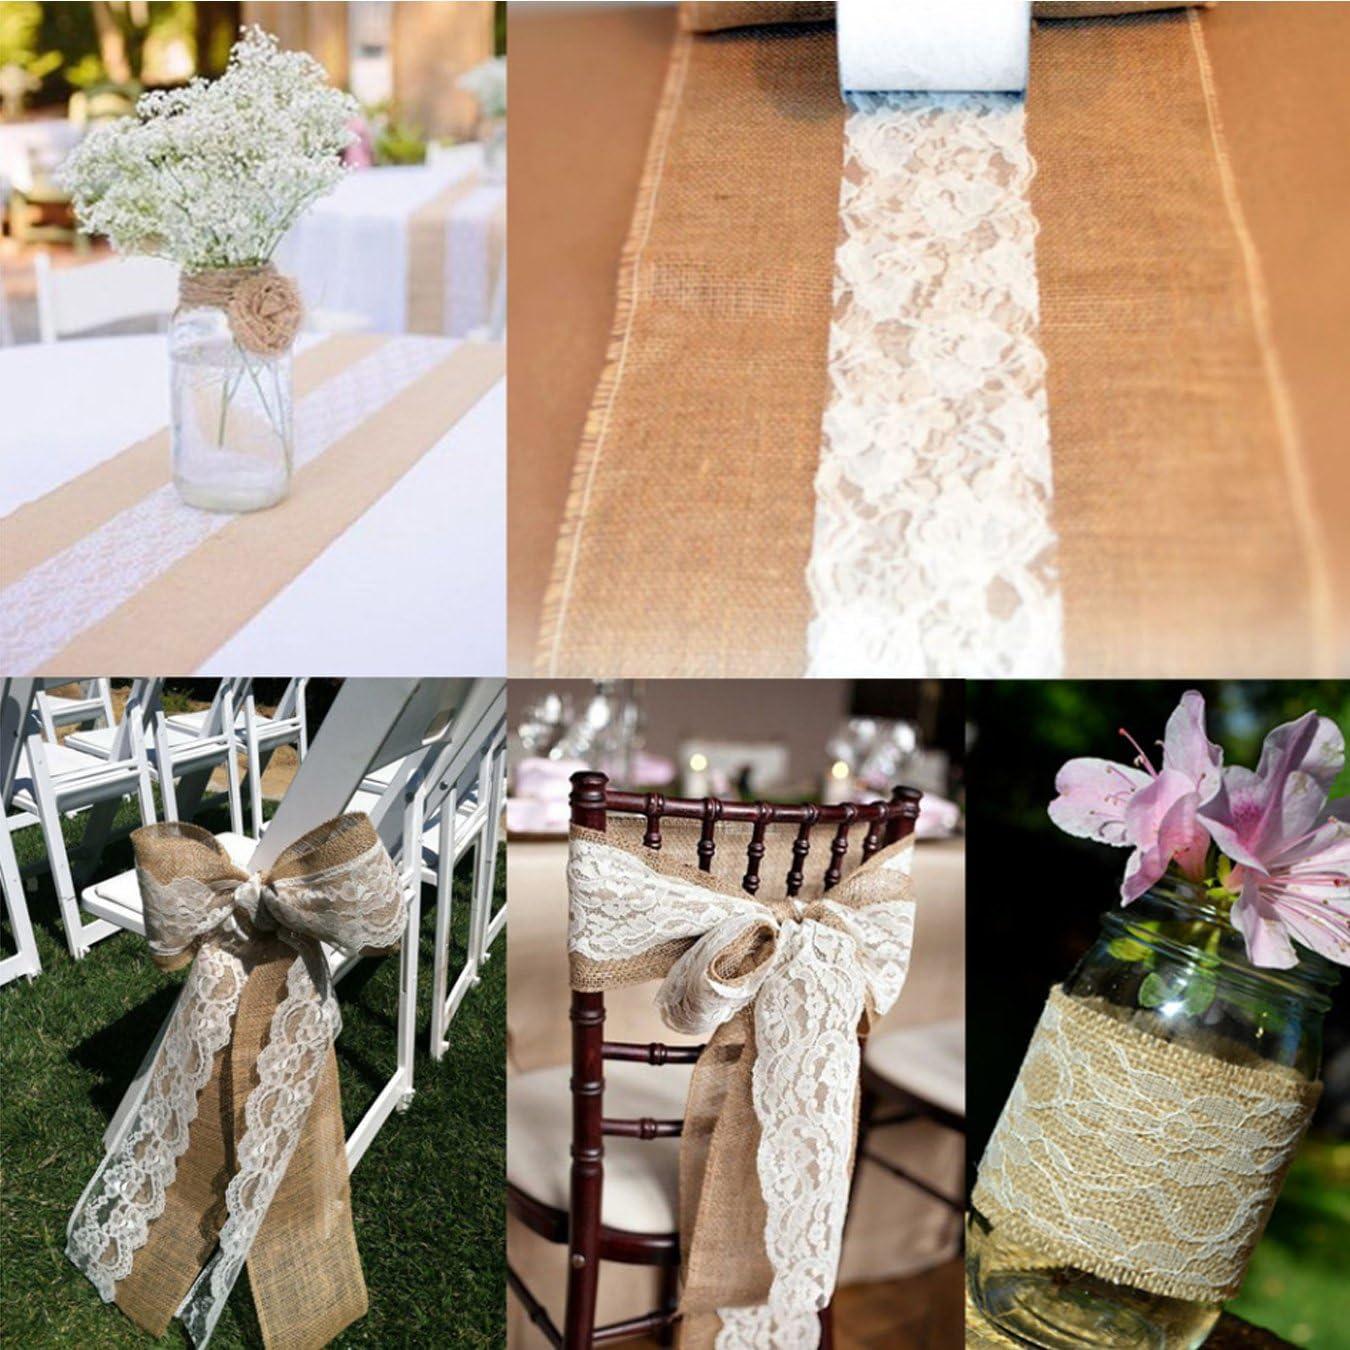 22m Rouleau de Tissu Tulle Dentelle D/écoratif pour Chemin de Table DIY Tutu Nappe D/écoration de Mariage F/ête Anniversaire UOOOM 15cm Rose